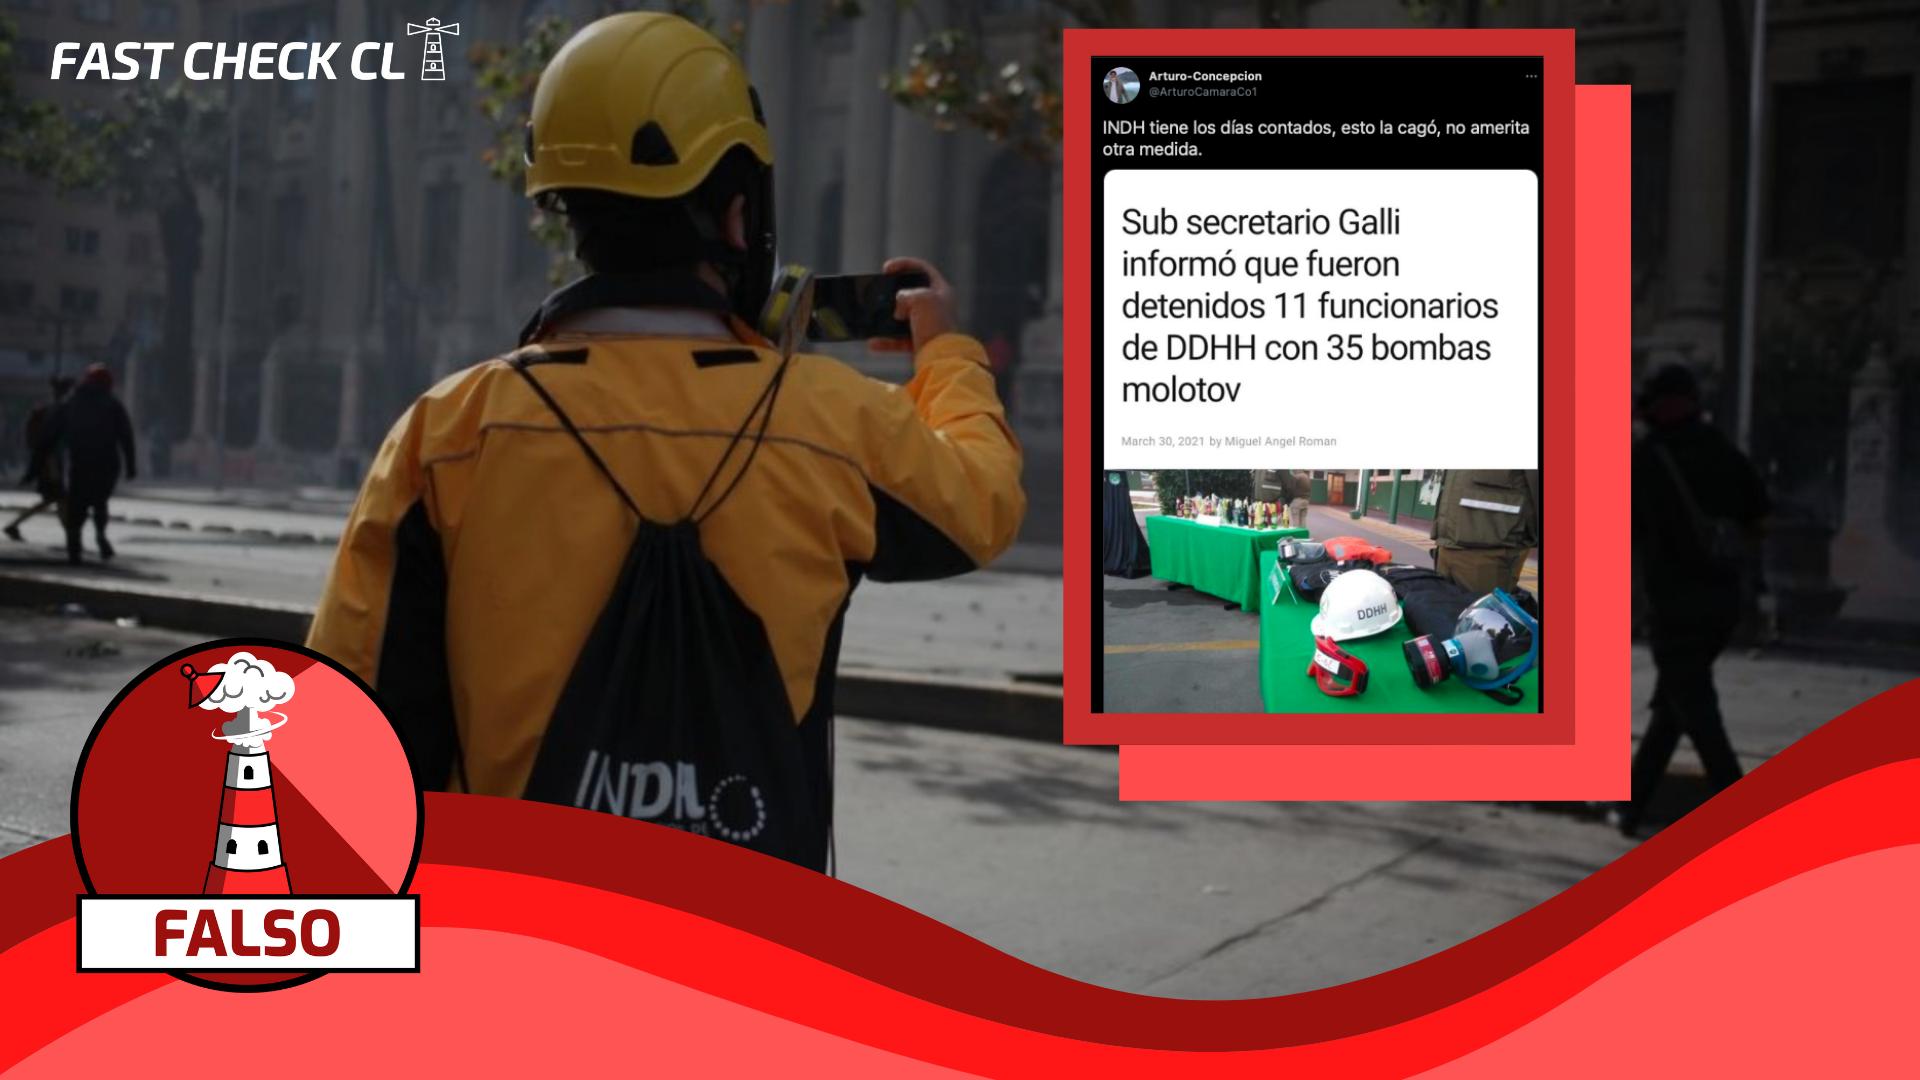 Observadores de Derechos Humanos del INDH detenidos por portar bombas molotov el día del joven combatiente: #Falso